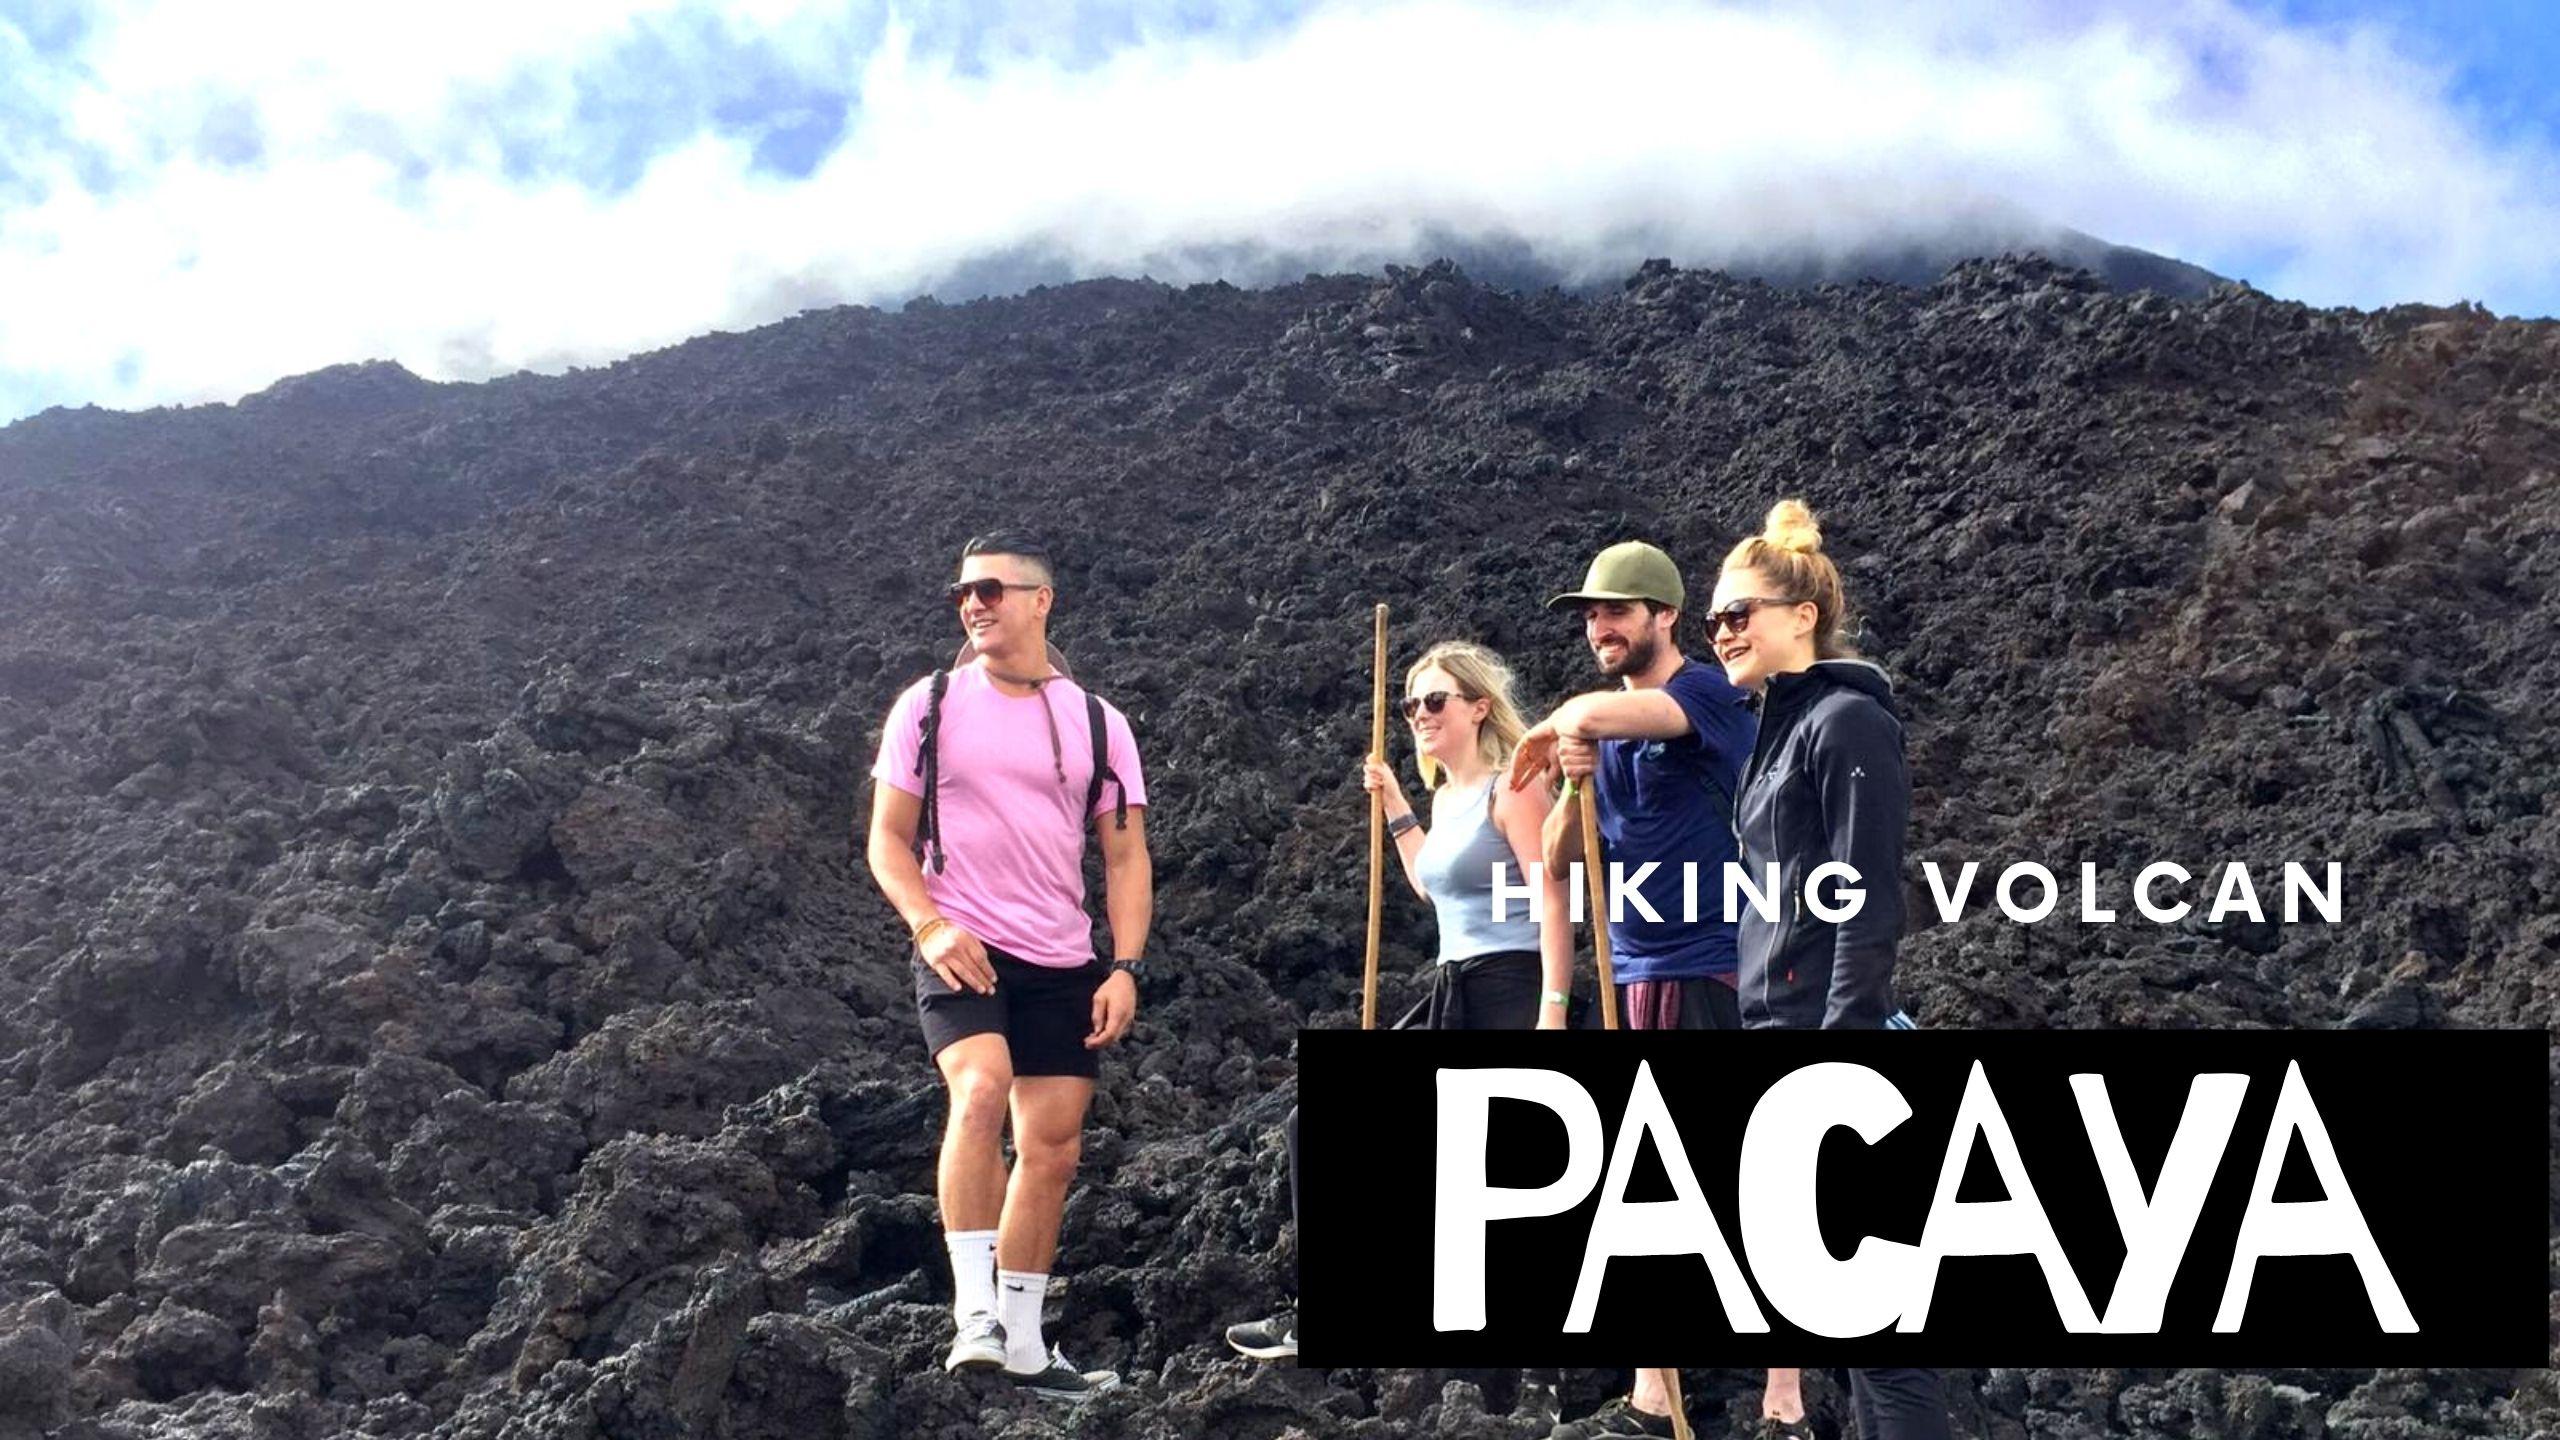 pacaya volcano hike, Pacaya Volcano Hike